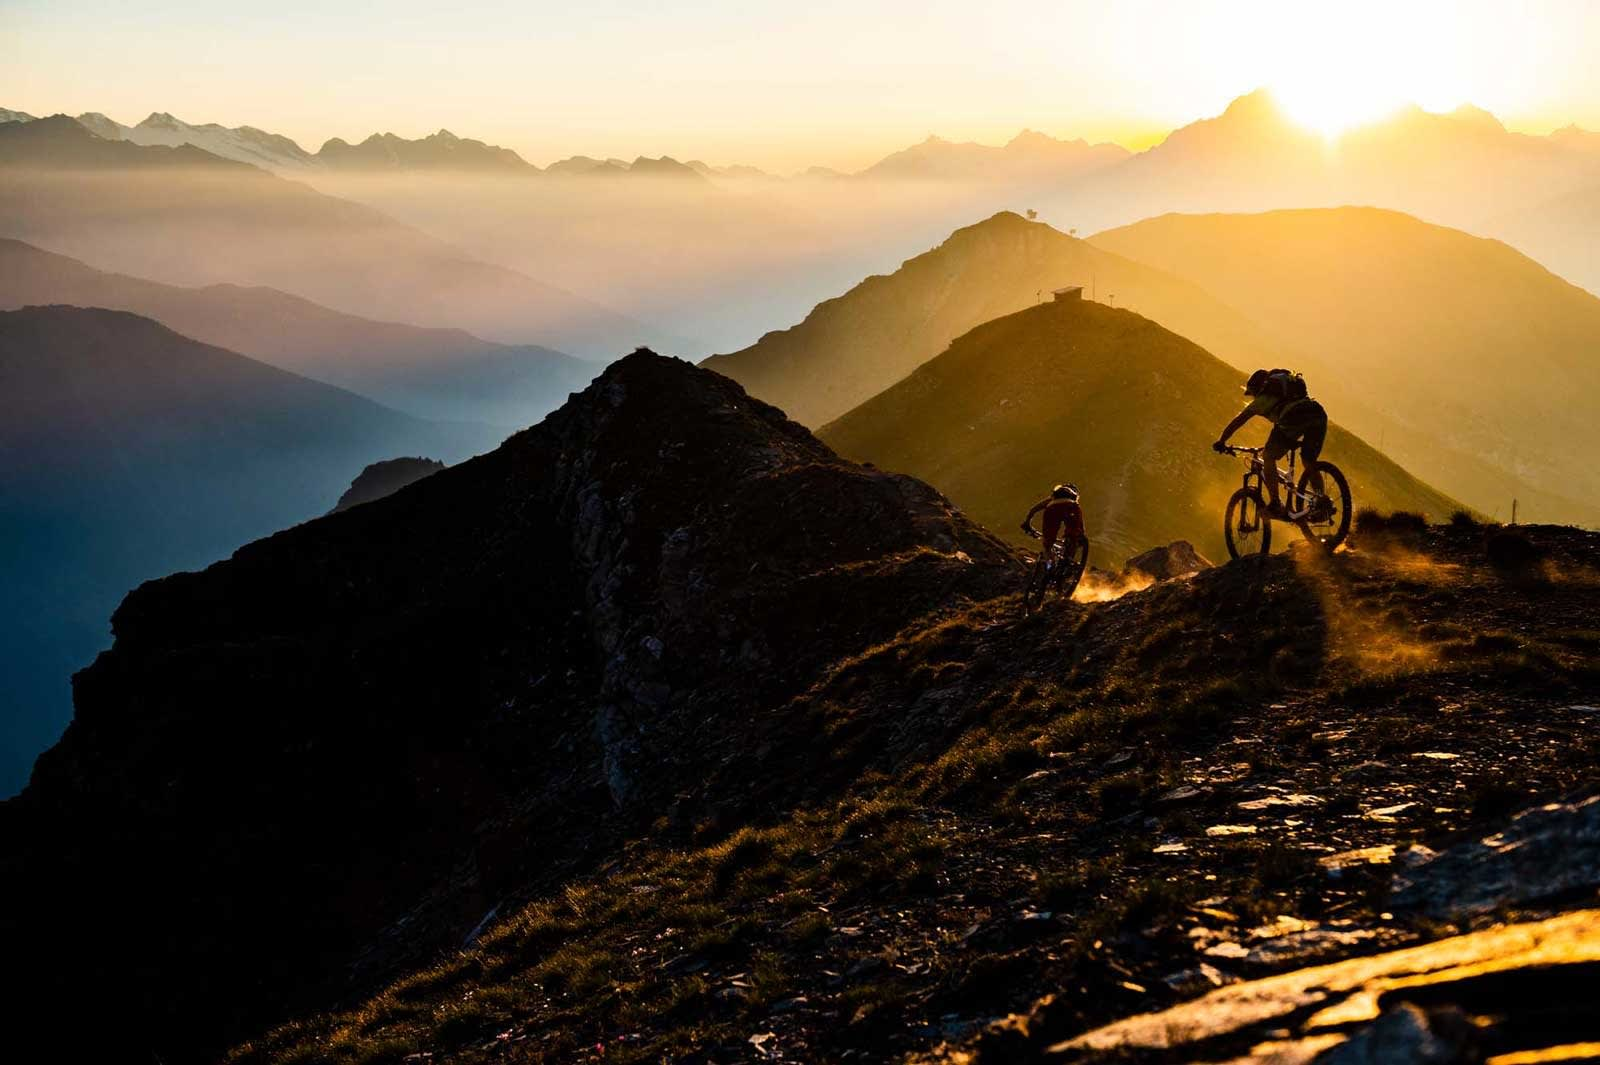 SISTE SVINGER: Karen Eller og Lisa Breckner setter ned mot Aostadalen for siste gang en sen sommerkveld.